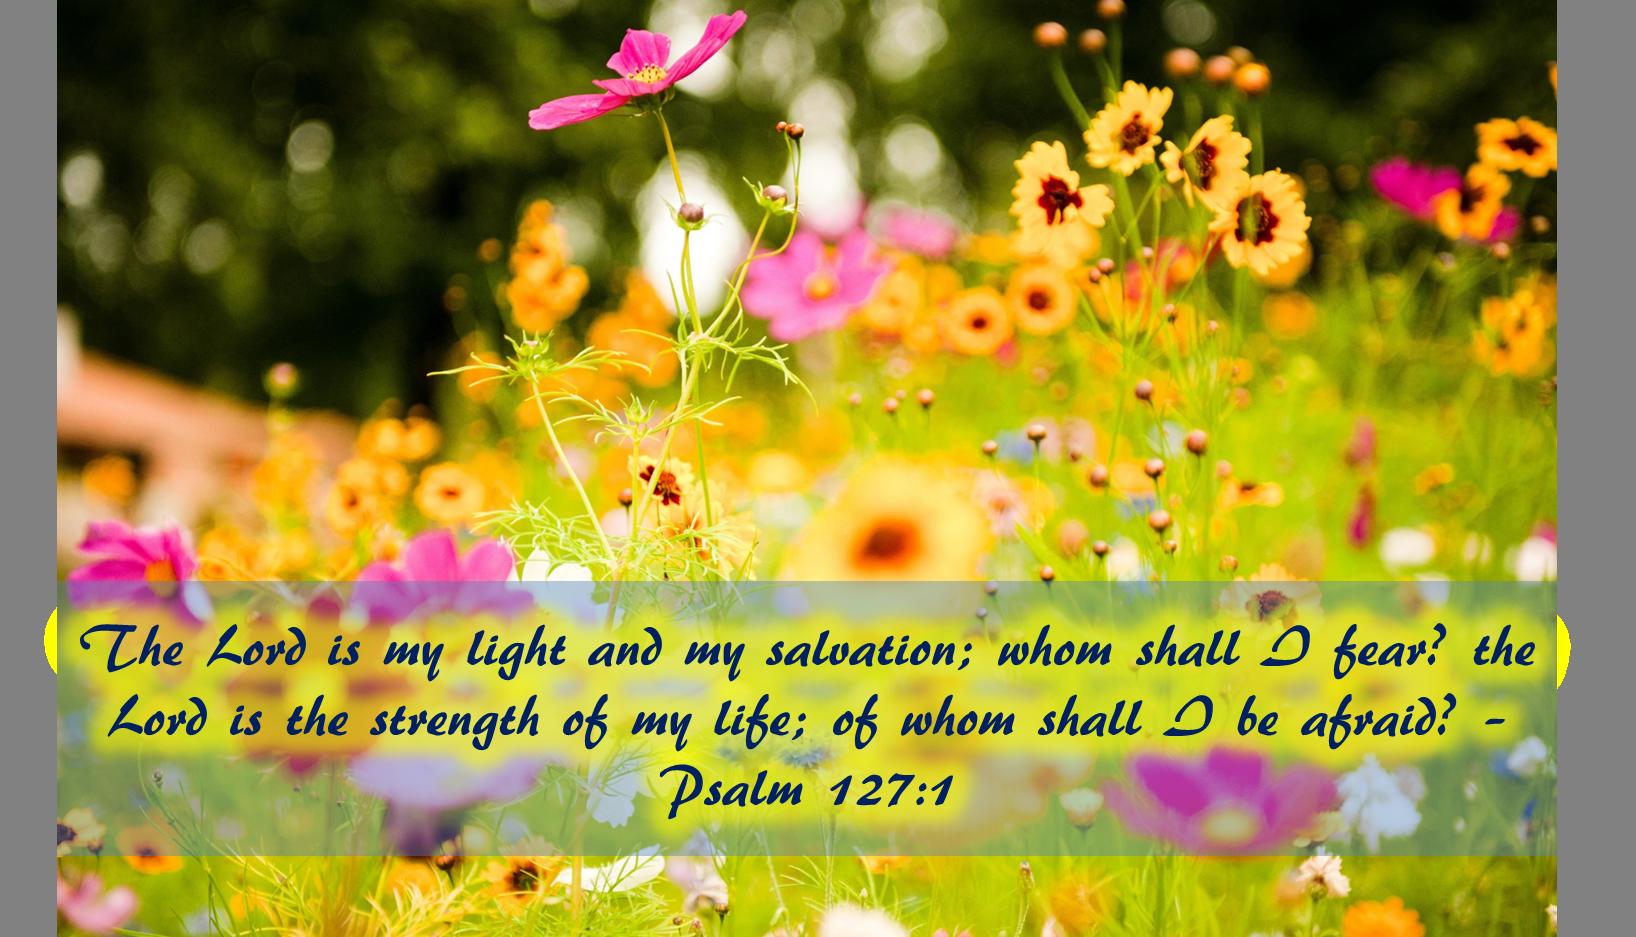 Psalm kjv inspiration pinterest psalm psalm